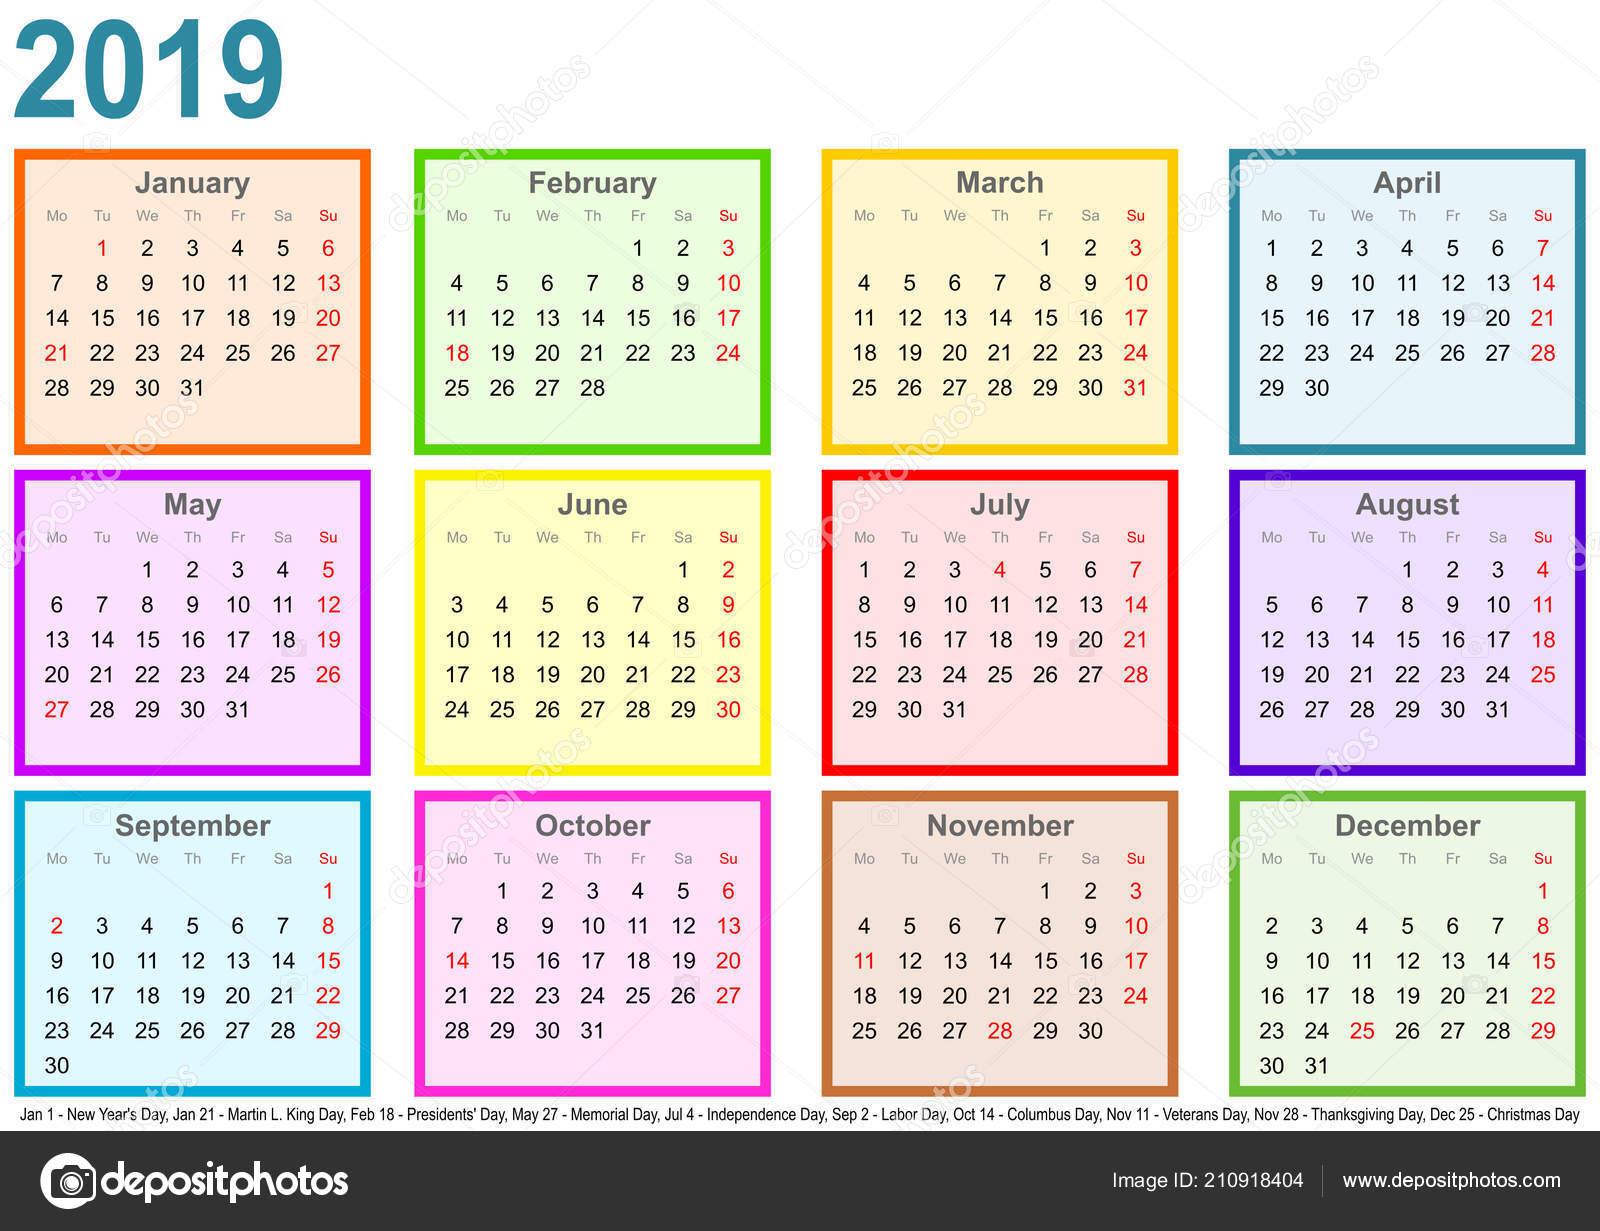 Calendario Del 2019.Calendario 2019 Cada Mes Una Plaza Diferente Color Marcas Los